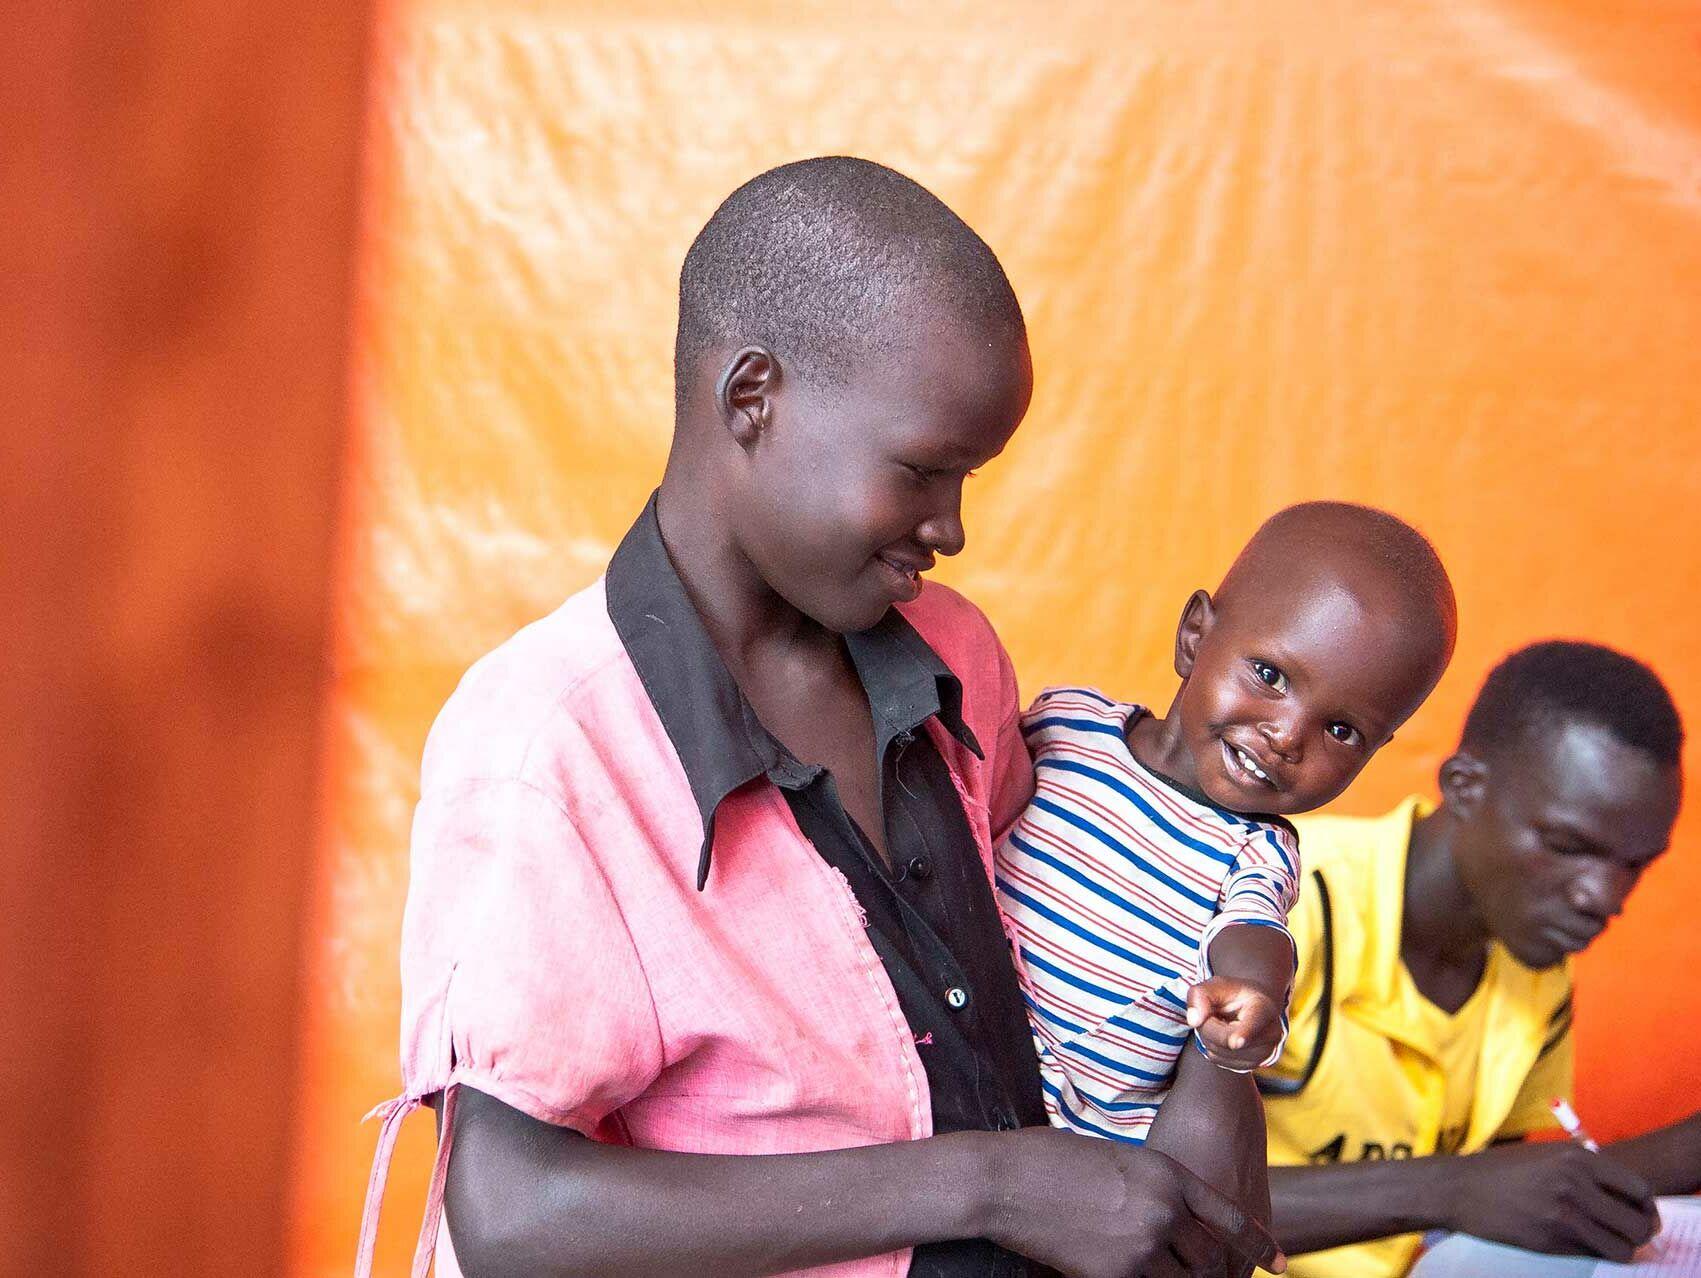 Flüchtlinge Fressen Kind